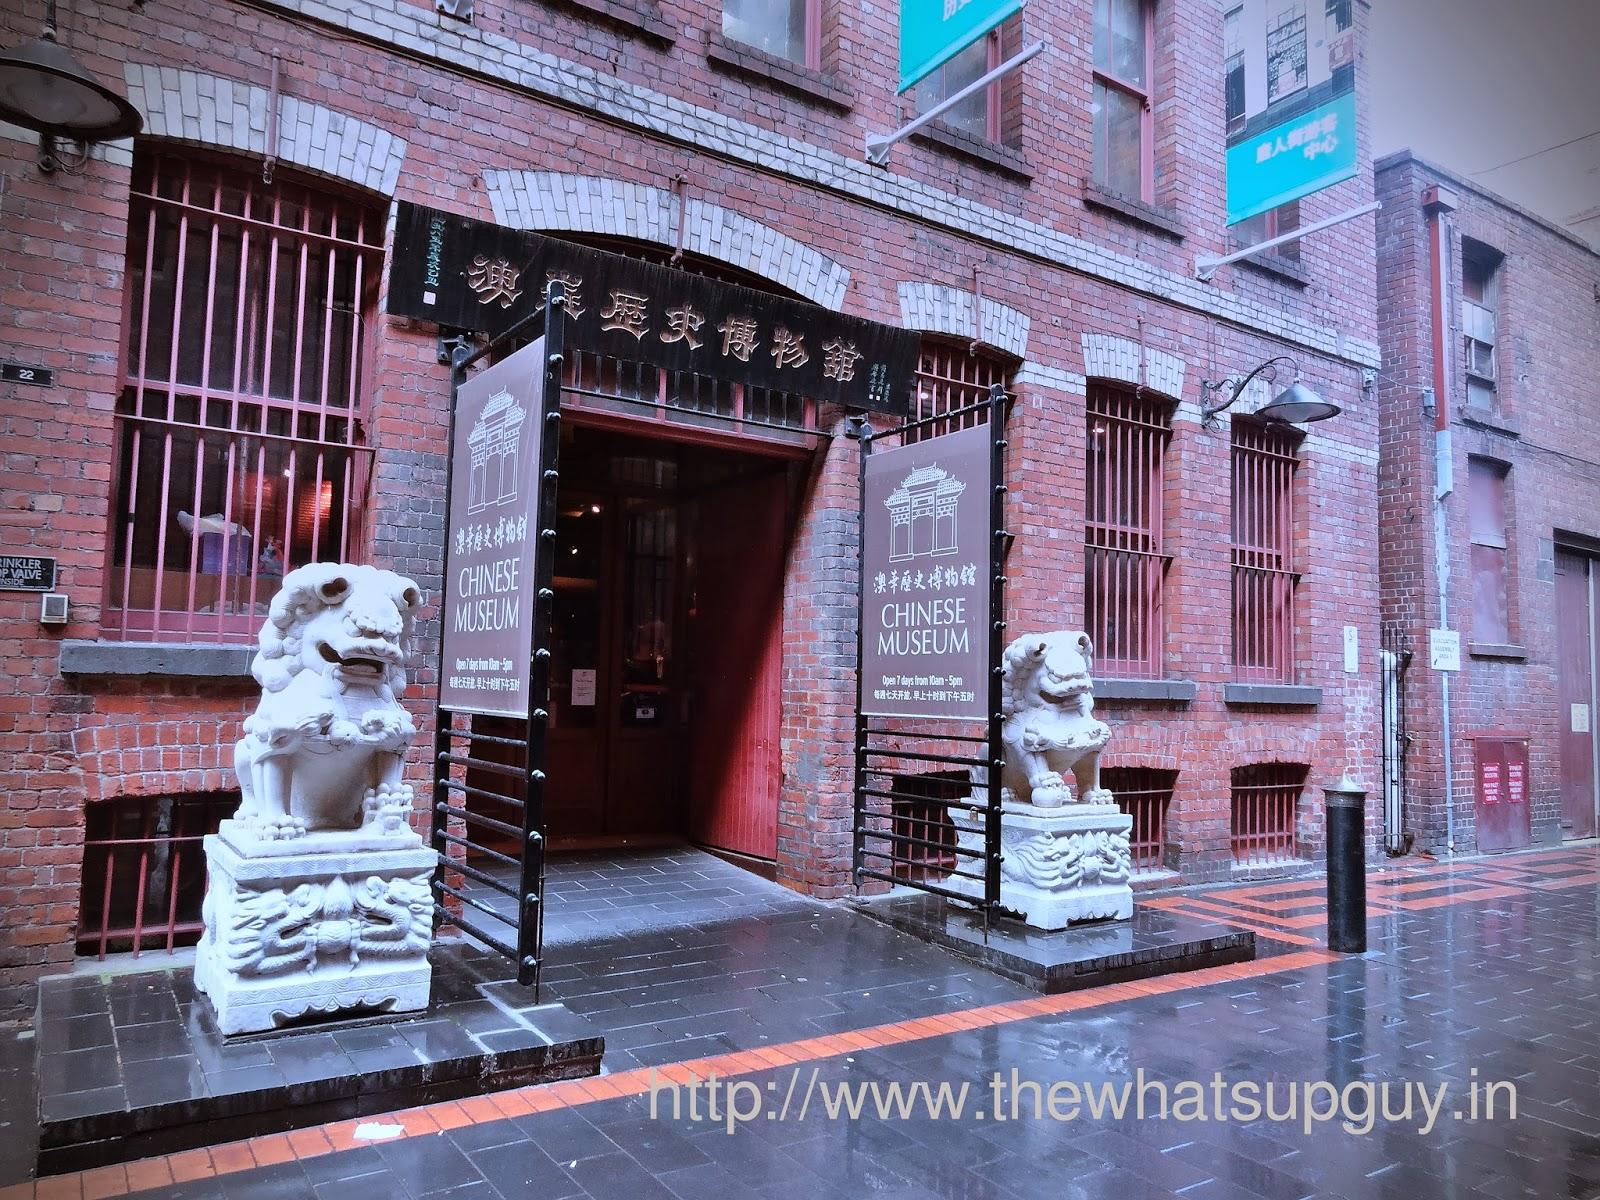 Chinese Museum